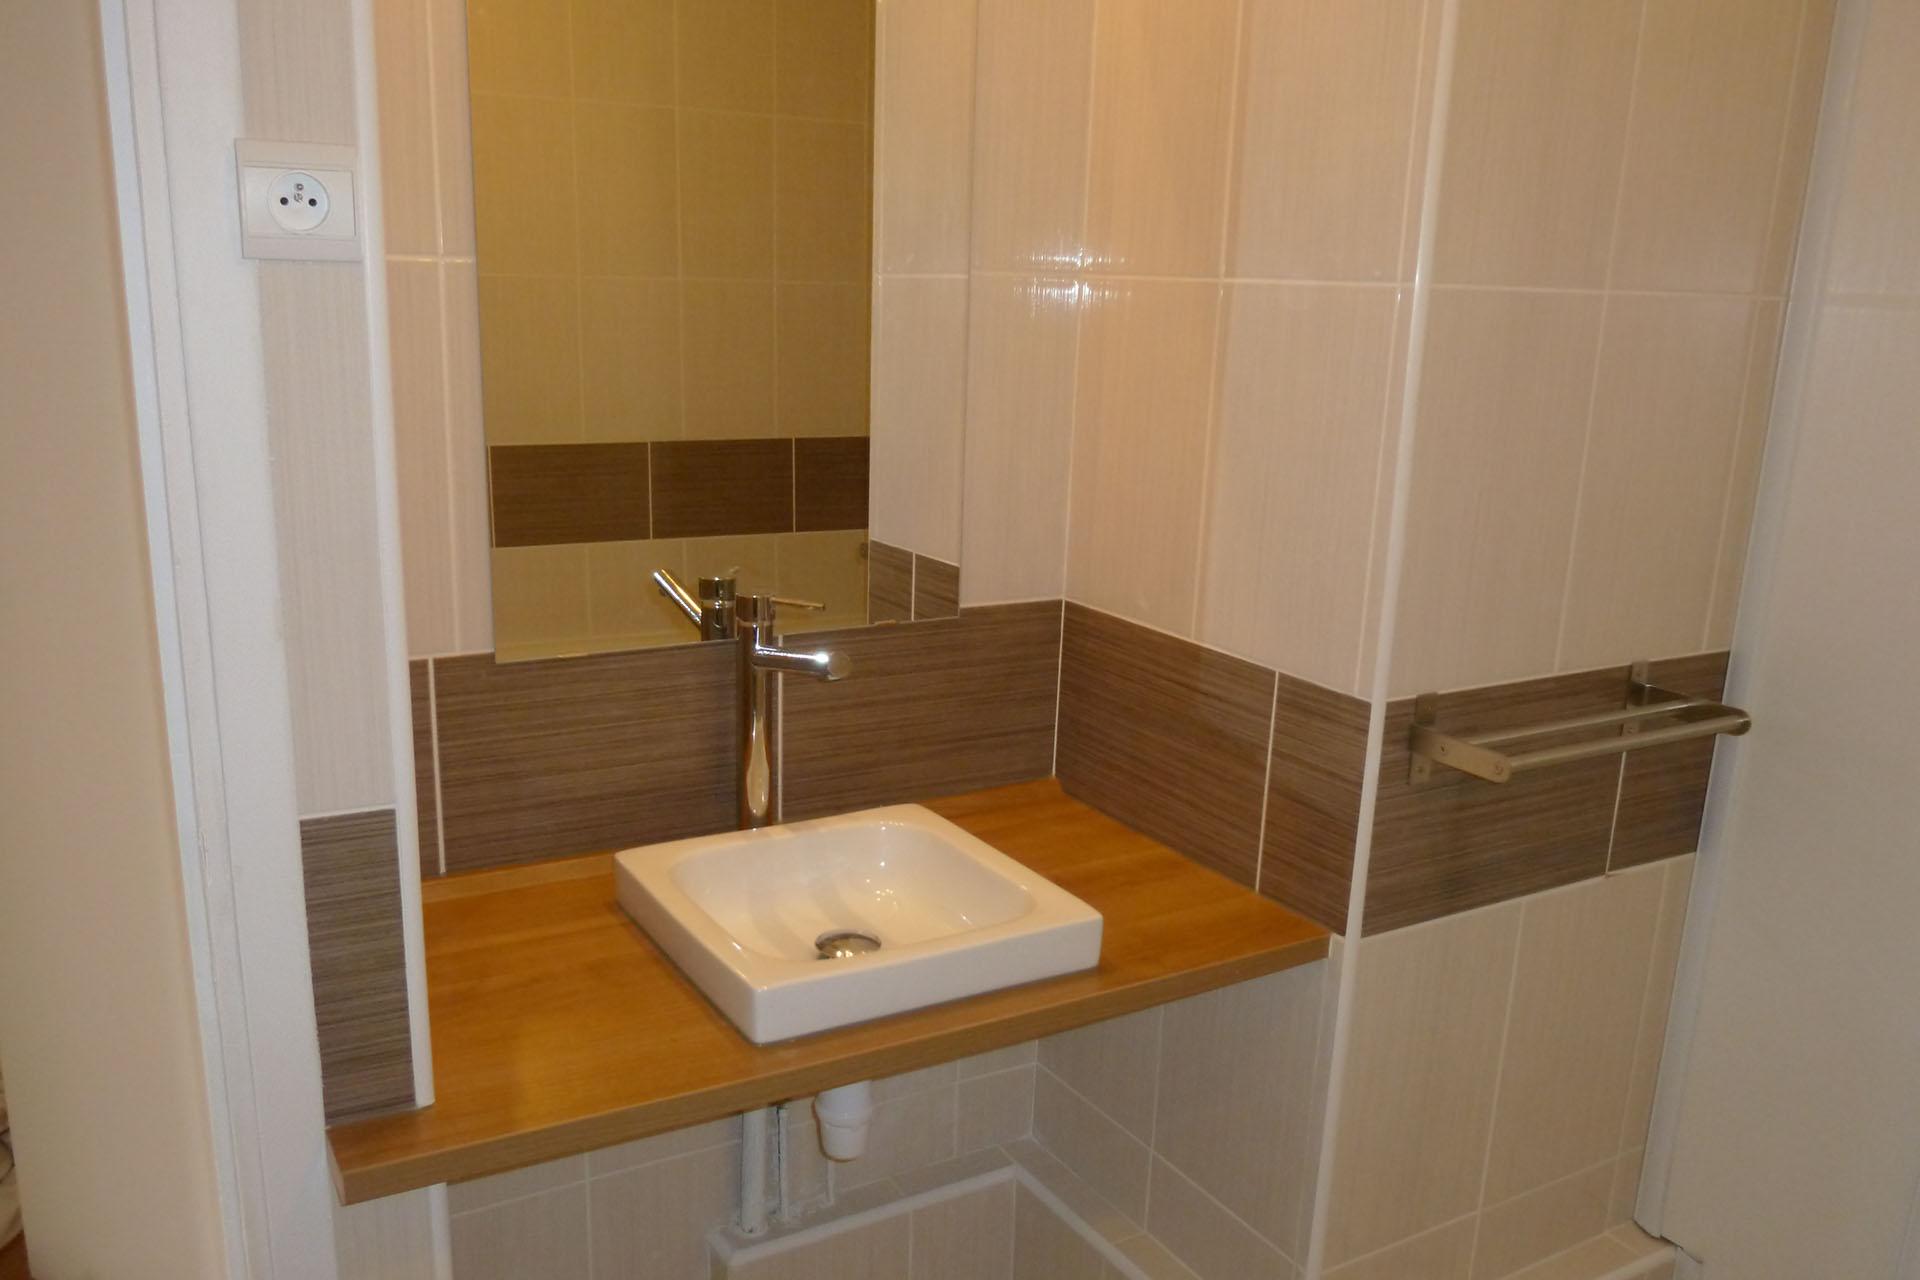 Entreprise Renovation Salle De Bain Bordeaux paris rénov - entreprise de rénovation salle de bain paris